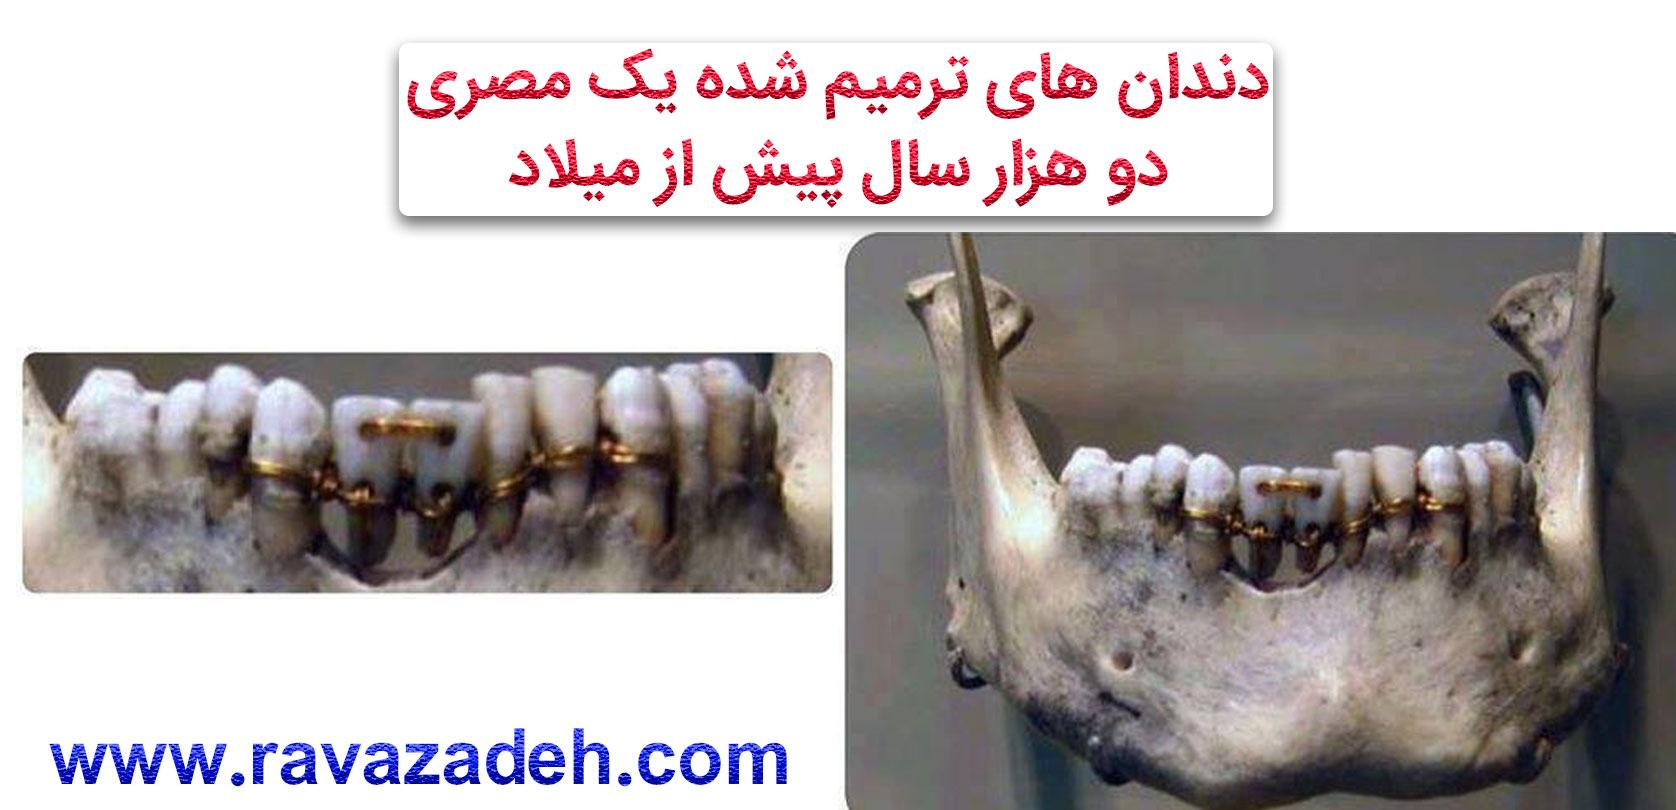 Photo of دندان های ترمیم شده یک مصری در دو هزار سال پیش از میلاد